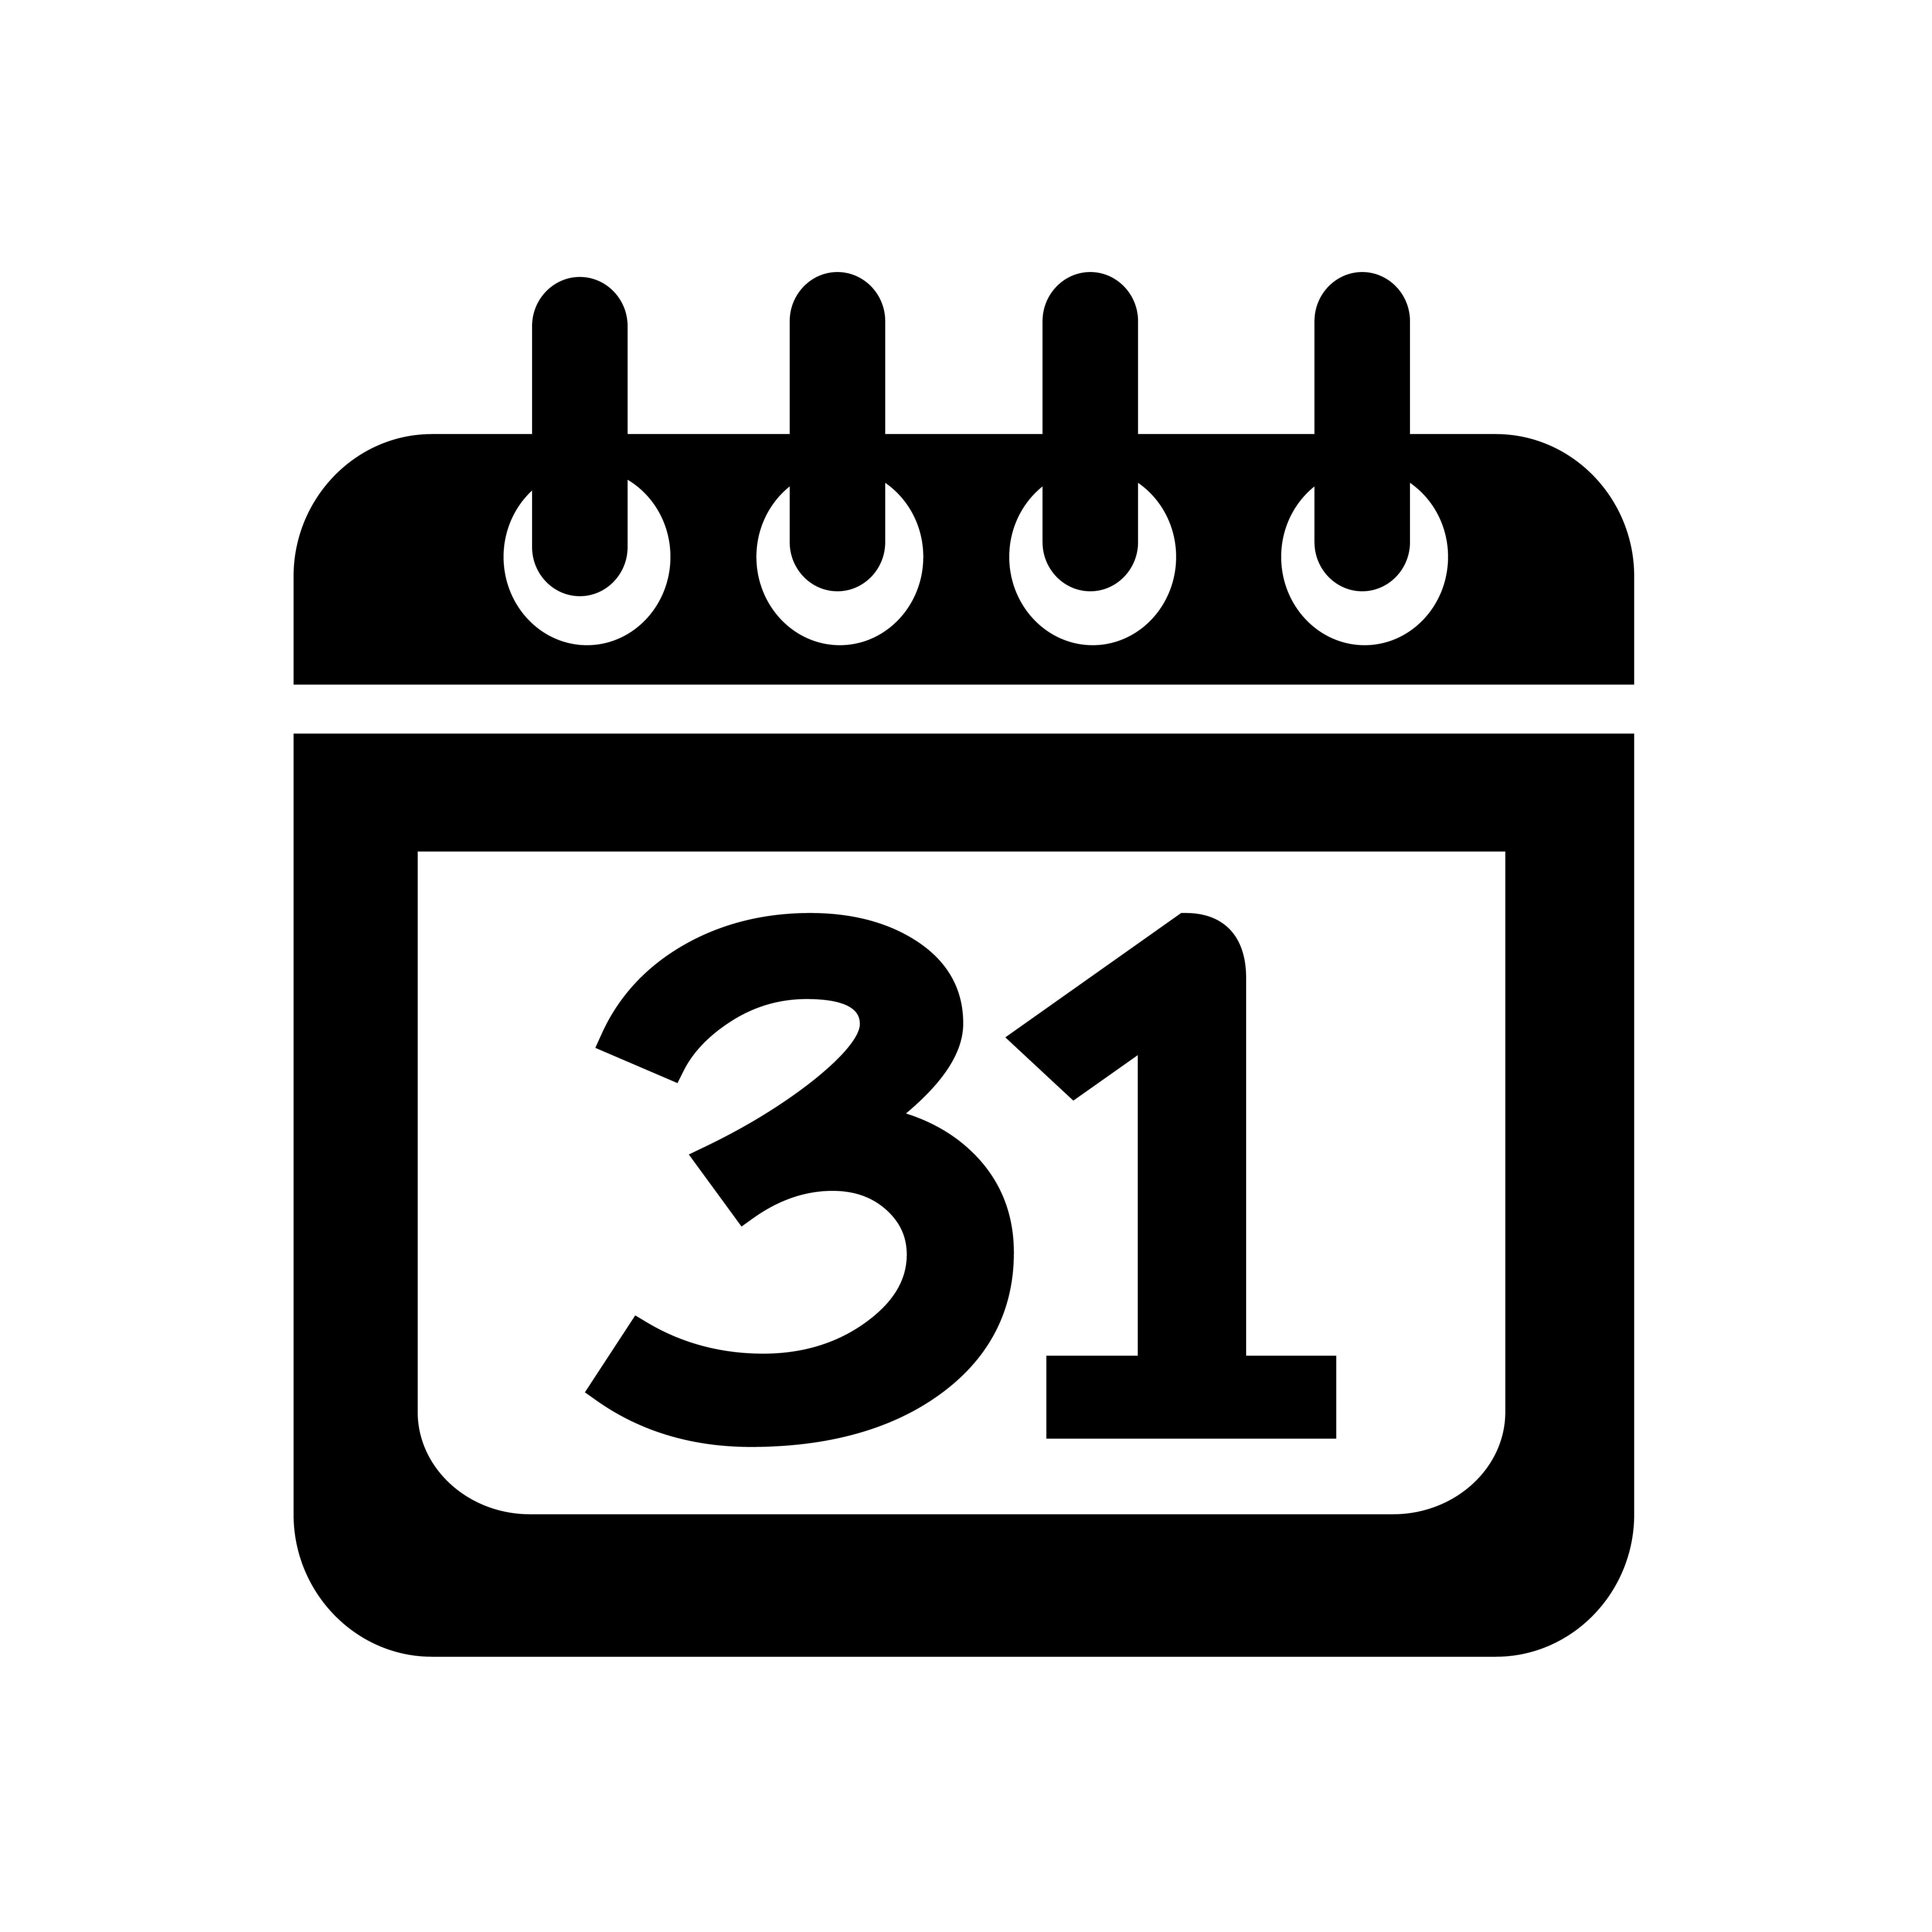 日曆 icon 免費下載 | 天天瘋後製